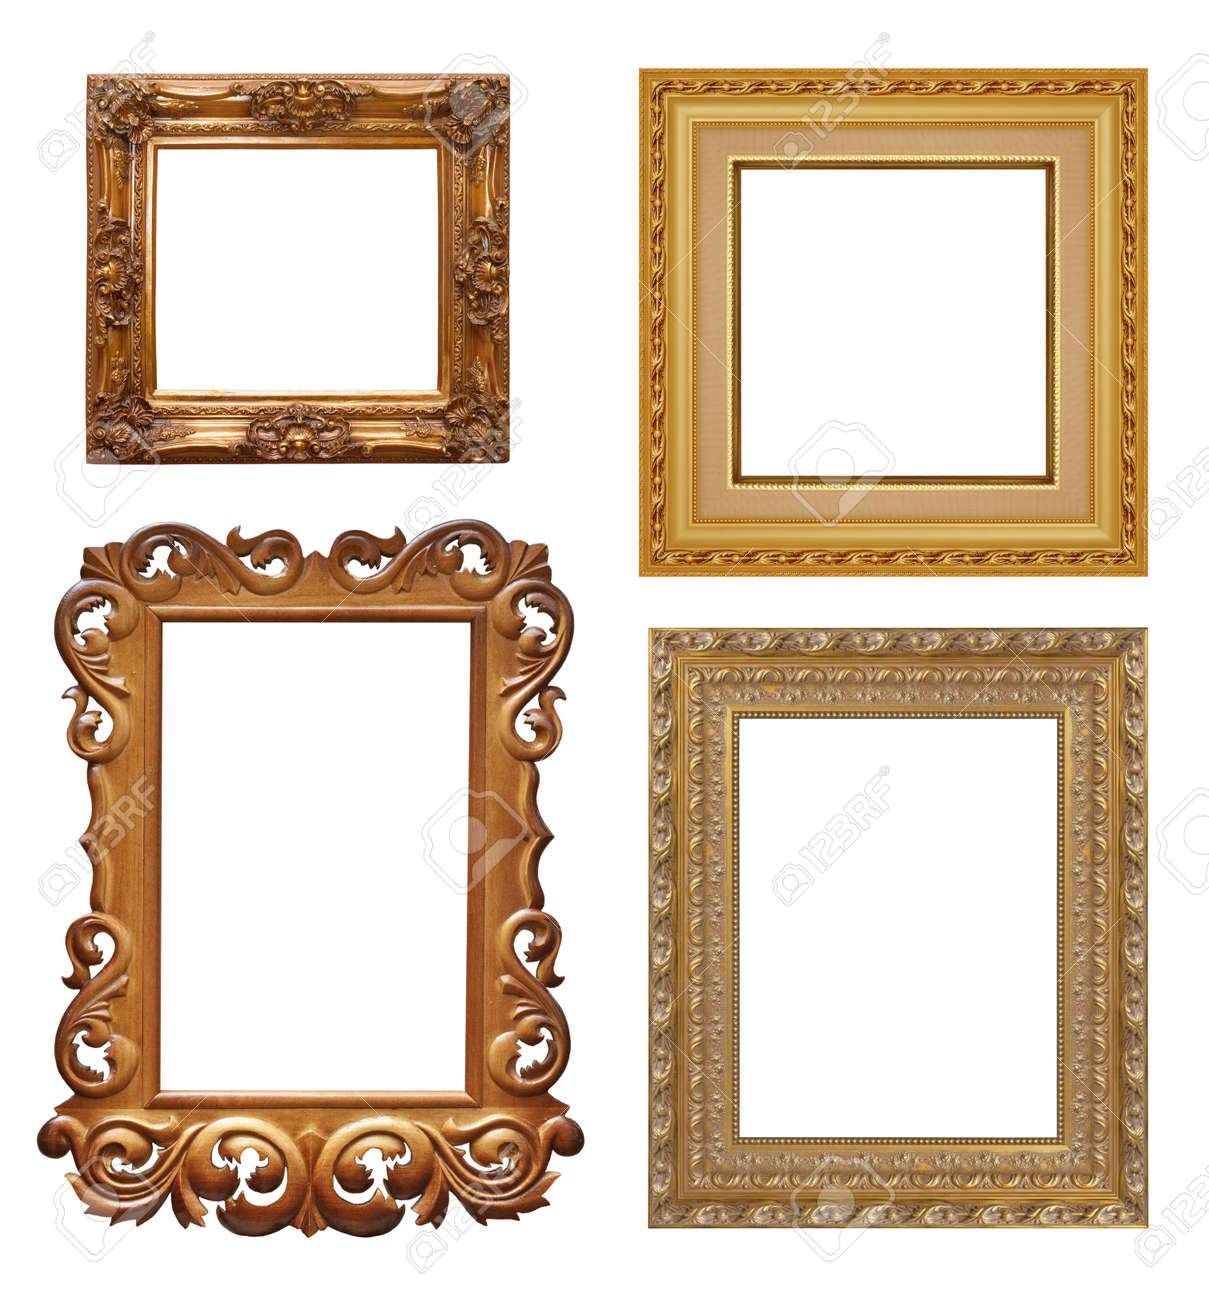 Vier Antike Bilderrahmen. Hohe Auflösung Lizenzfreie Fotos, Bilder ...